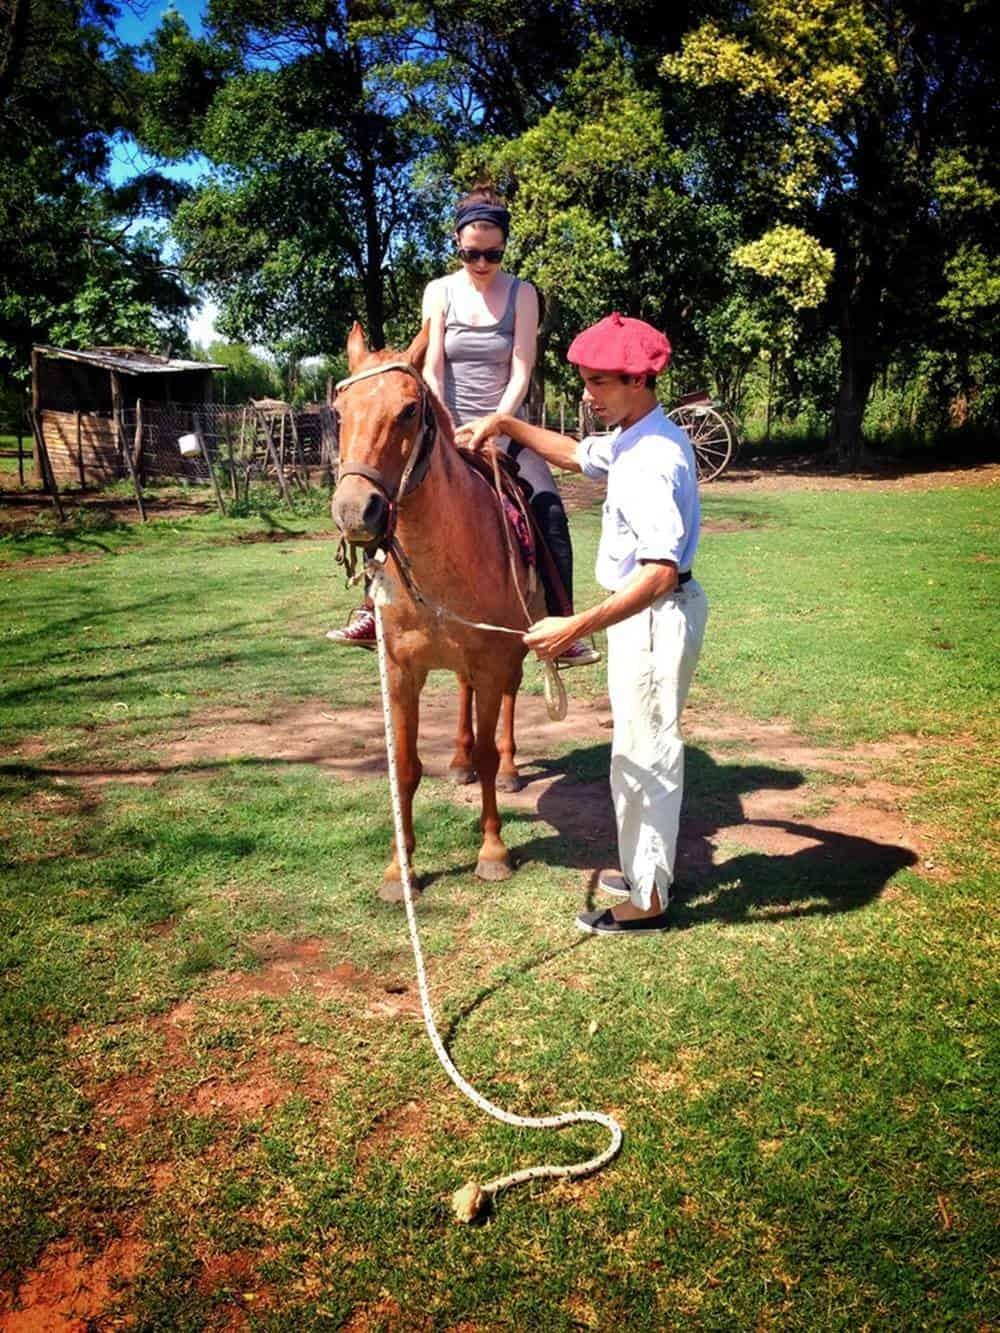 Sarah riding a horse